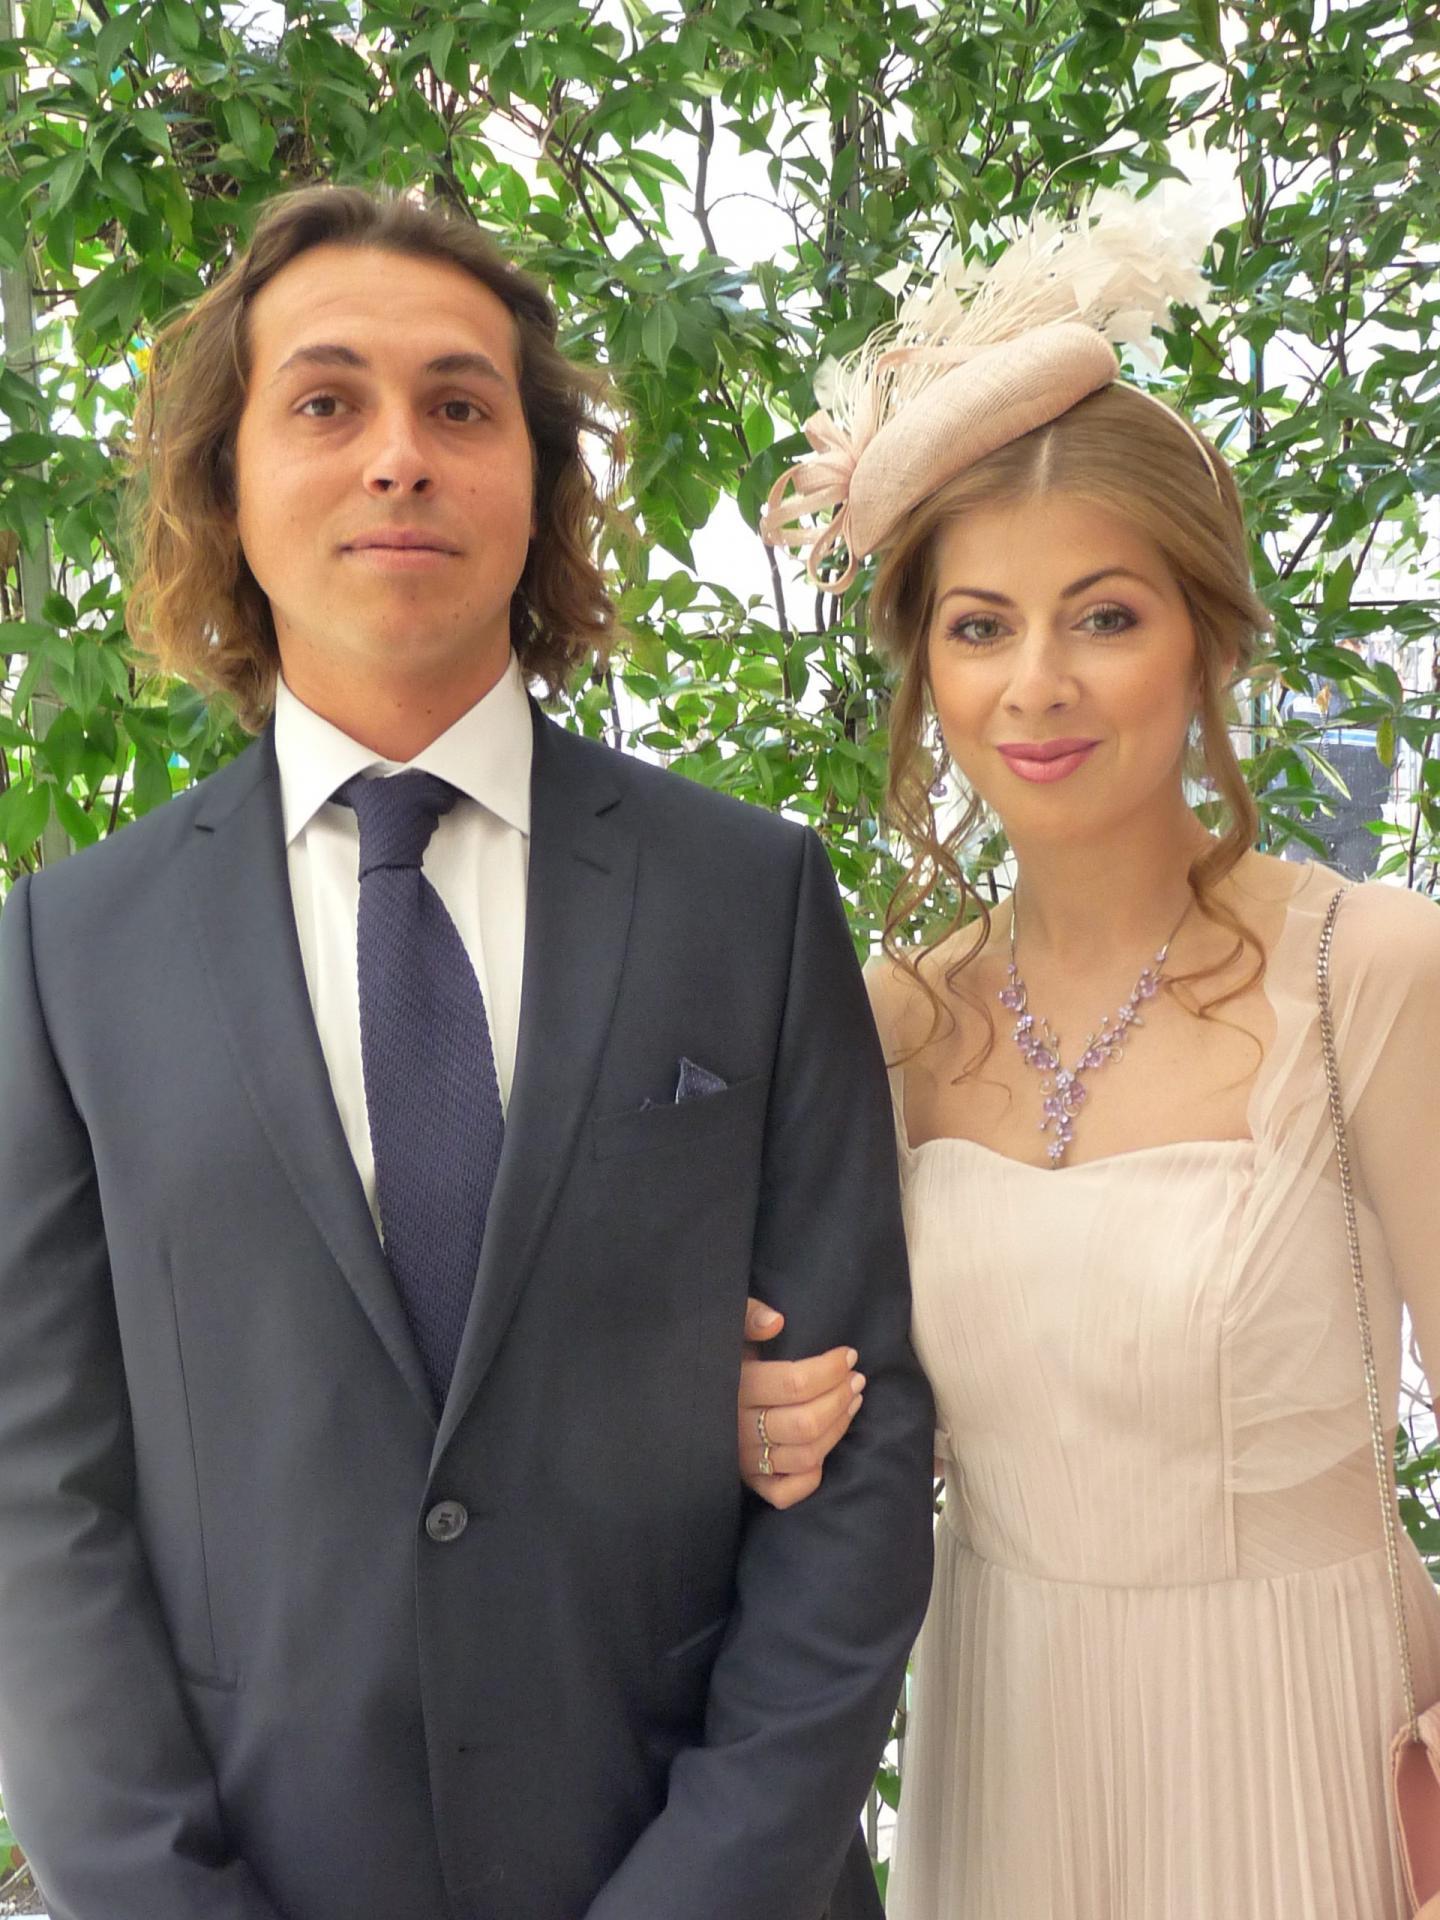 Pierre Sergi, vigneron et Anastasiya Lomonosova, assistante de direction.